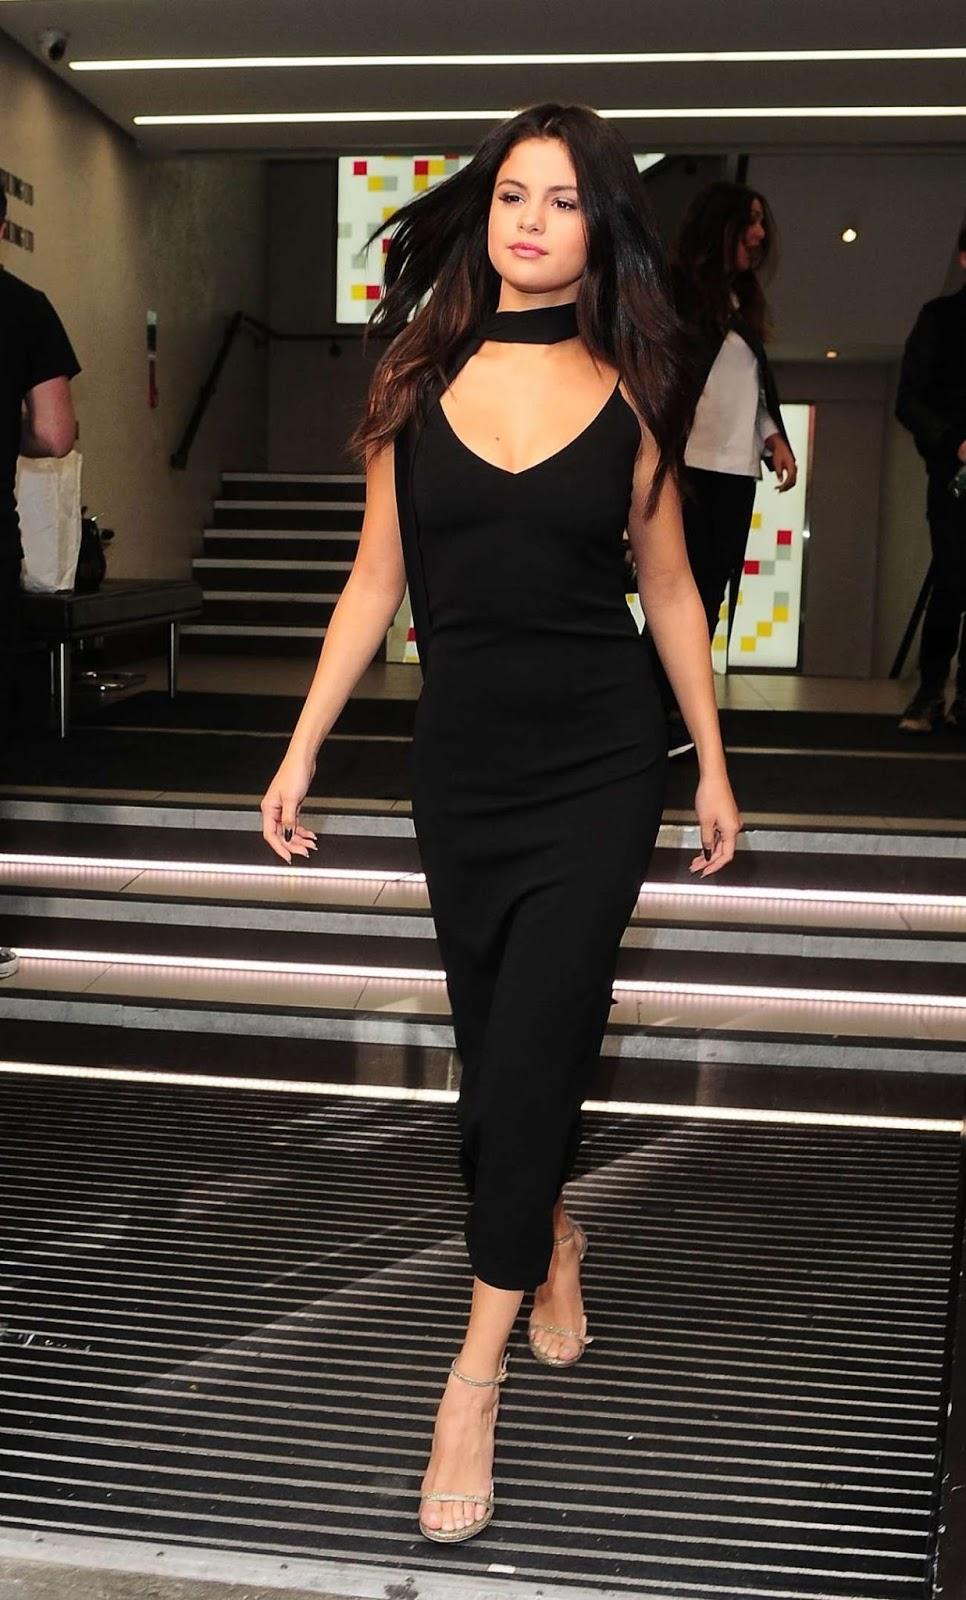 Selena Gomez struts in style in a black dress in London